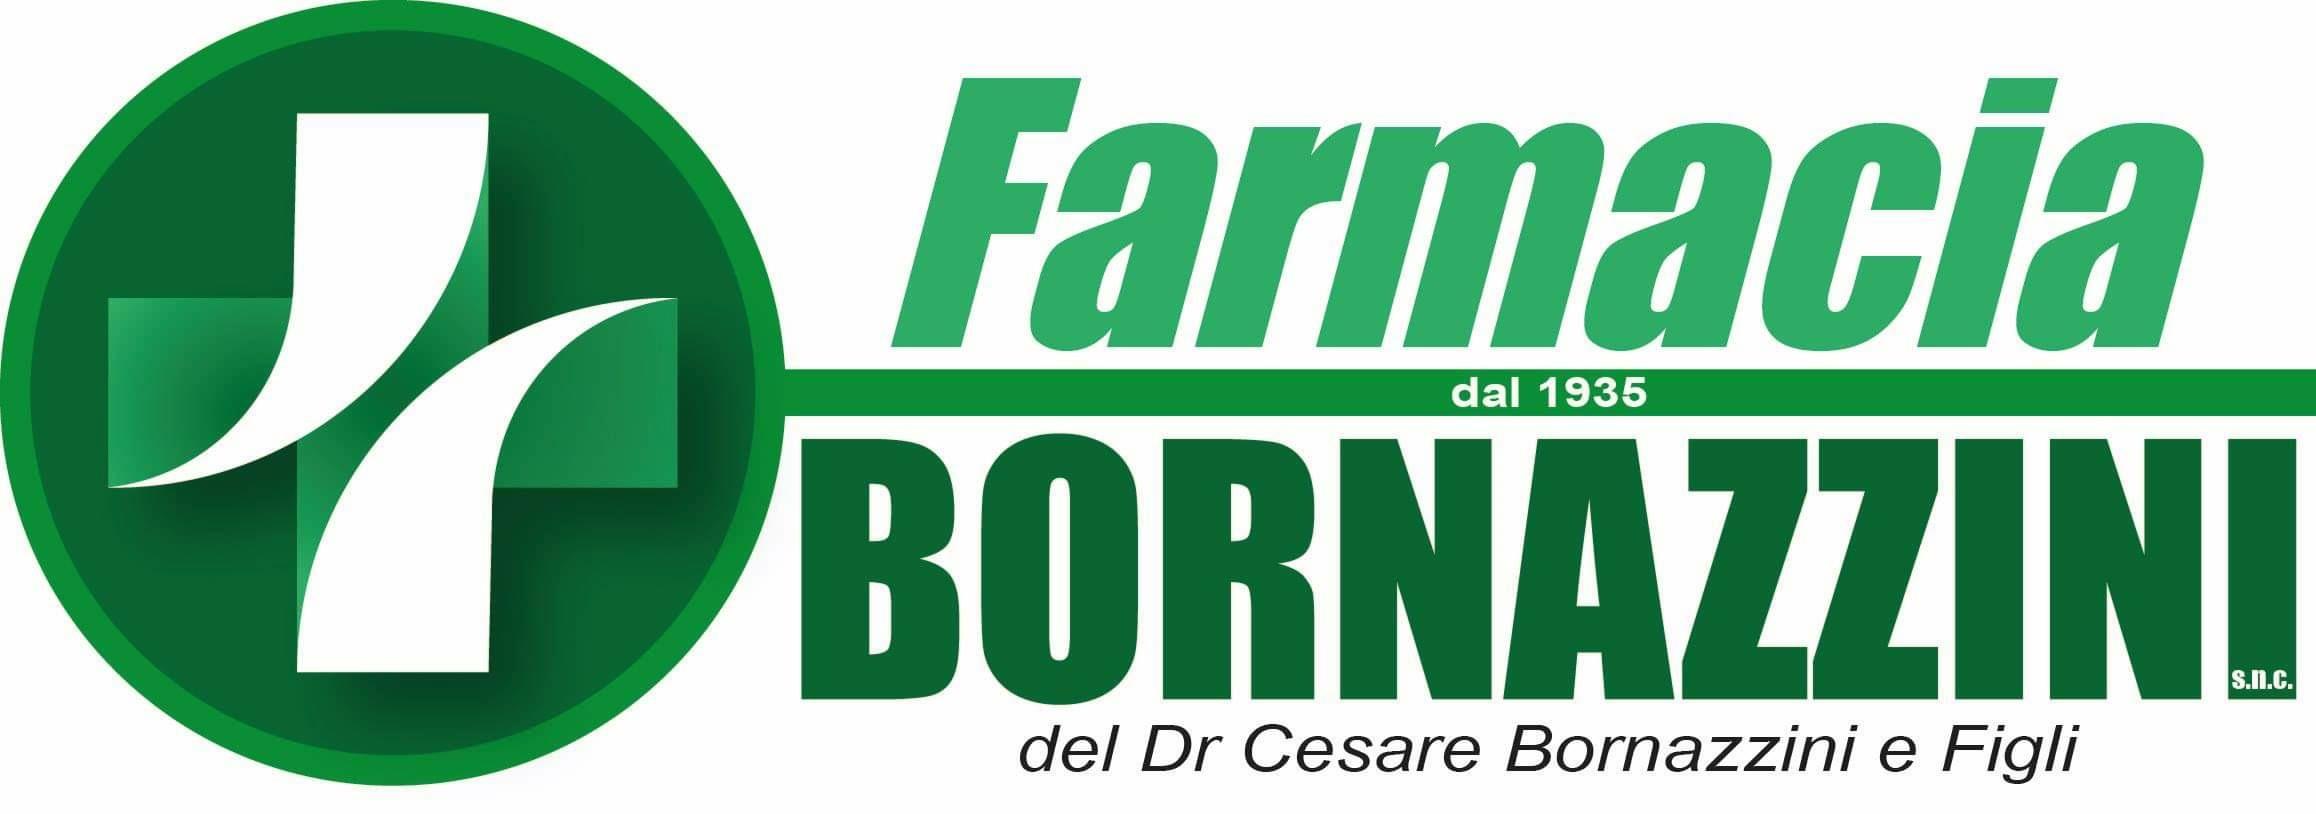 logo bornazzini